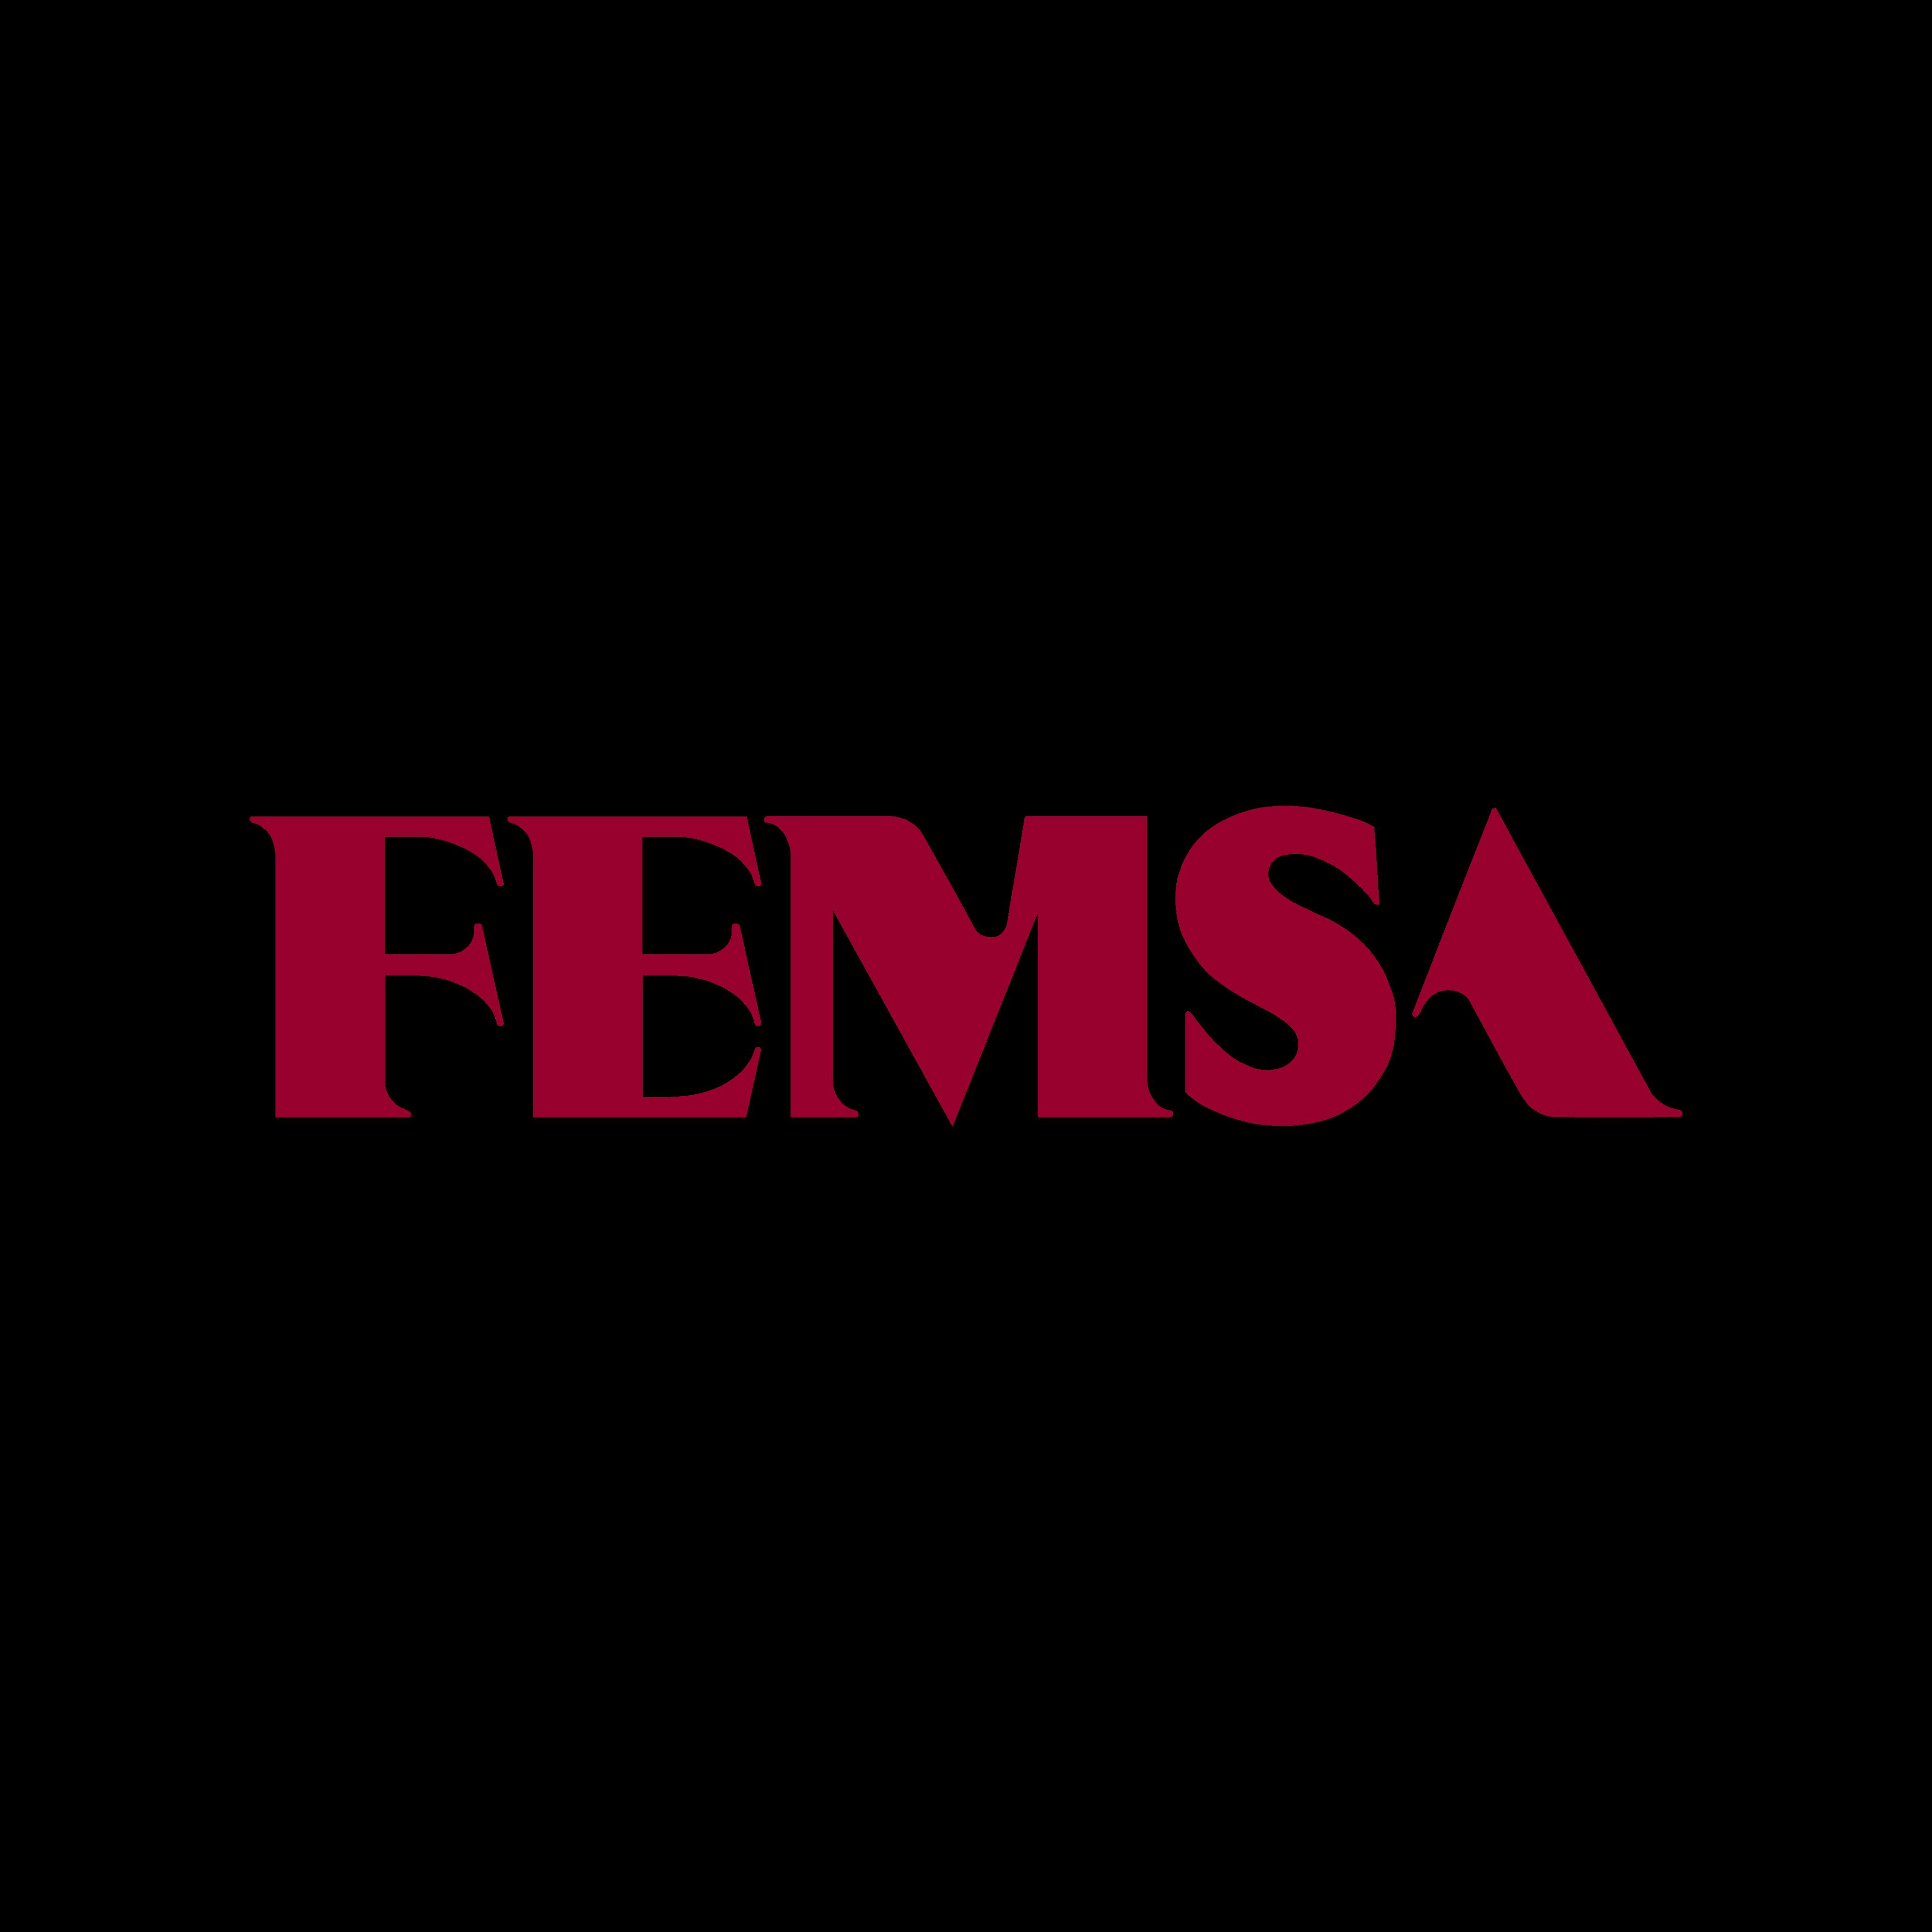 femsa logo 0 - FEMSA Logo